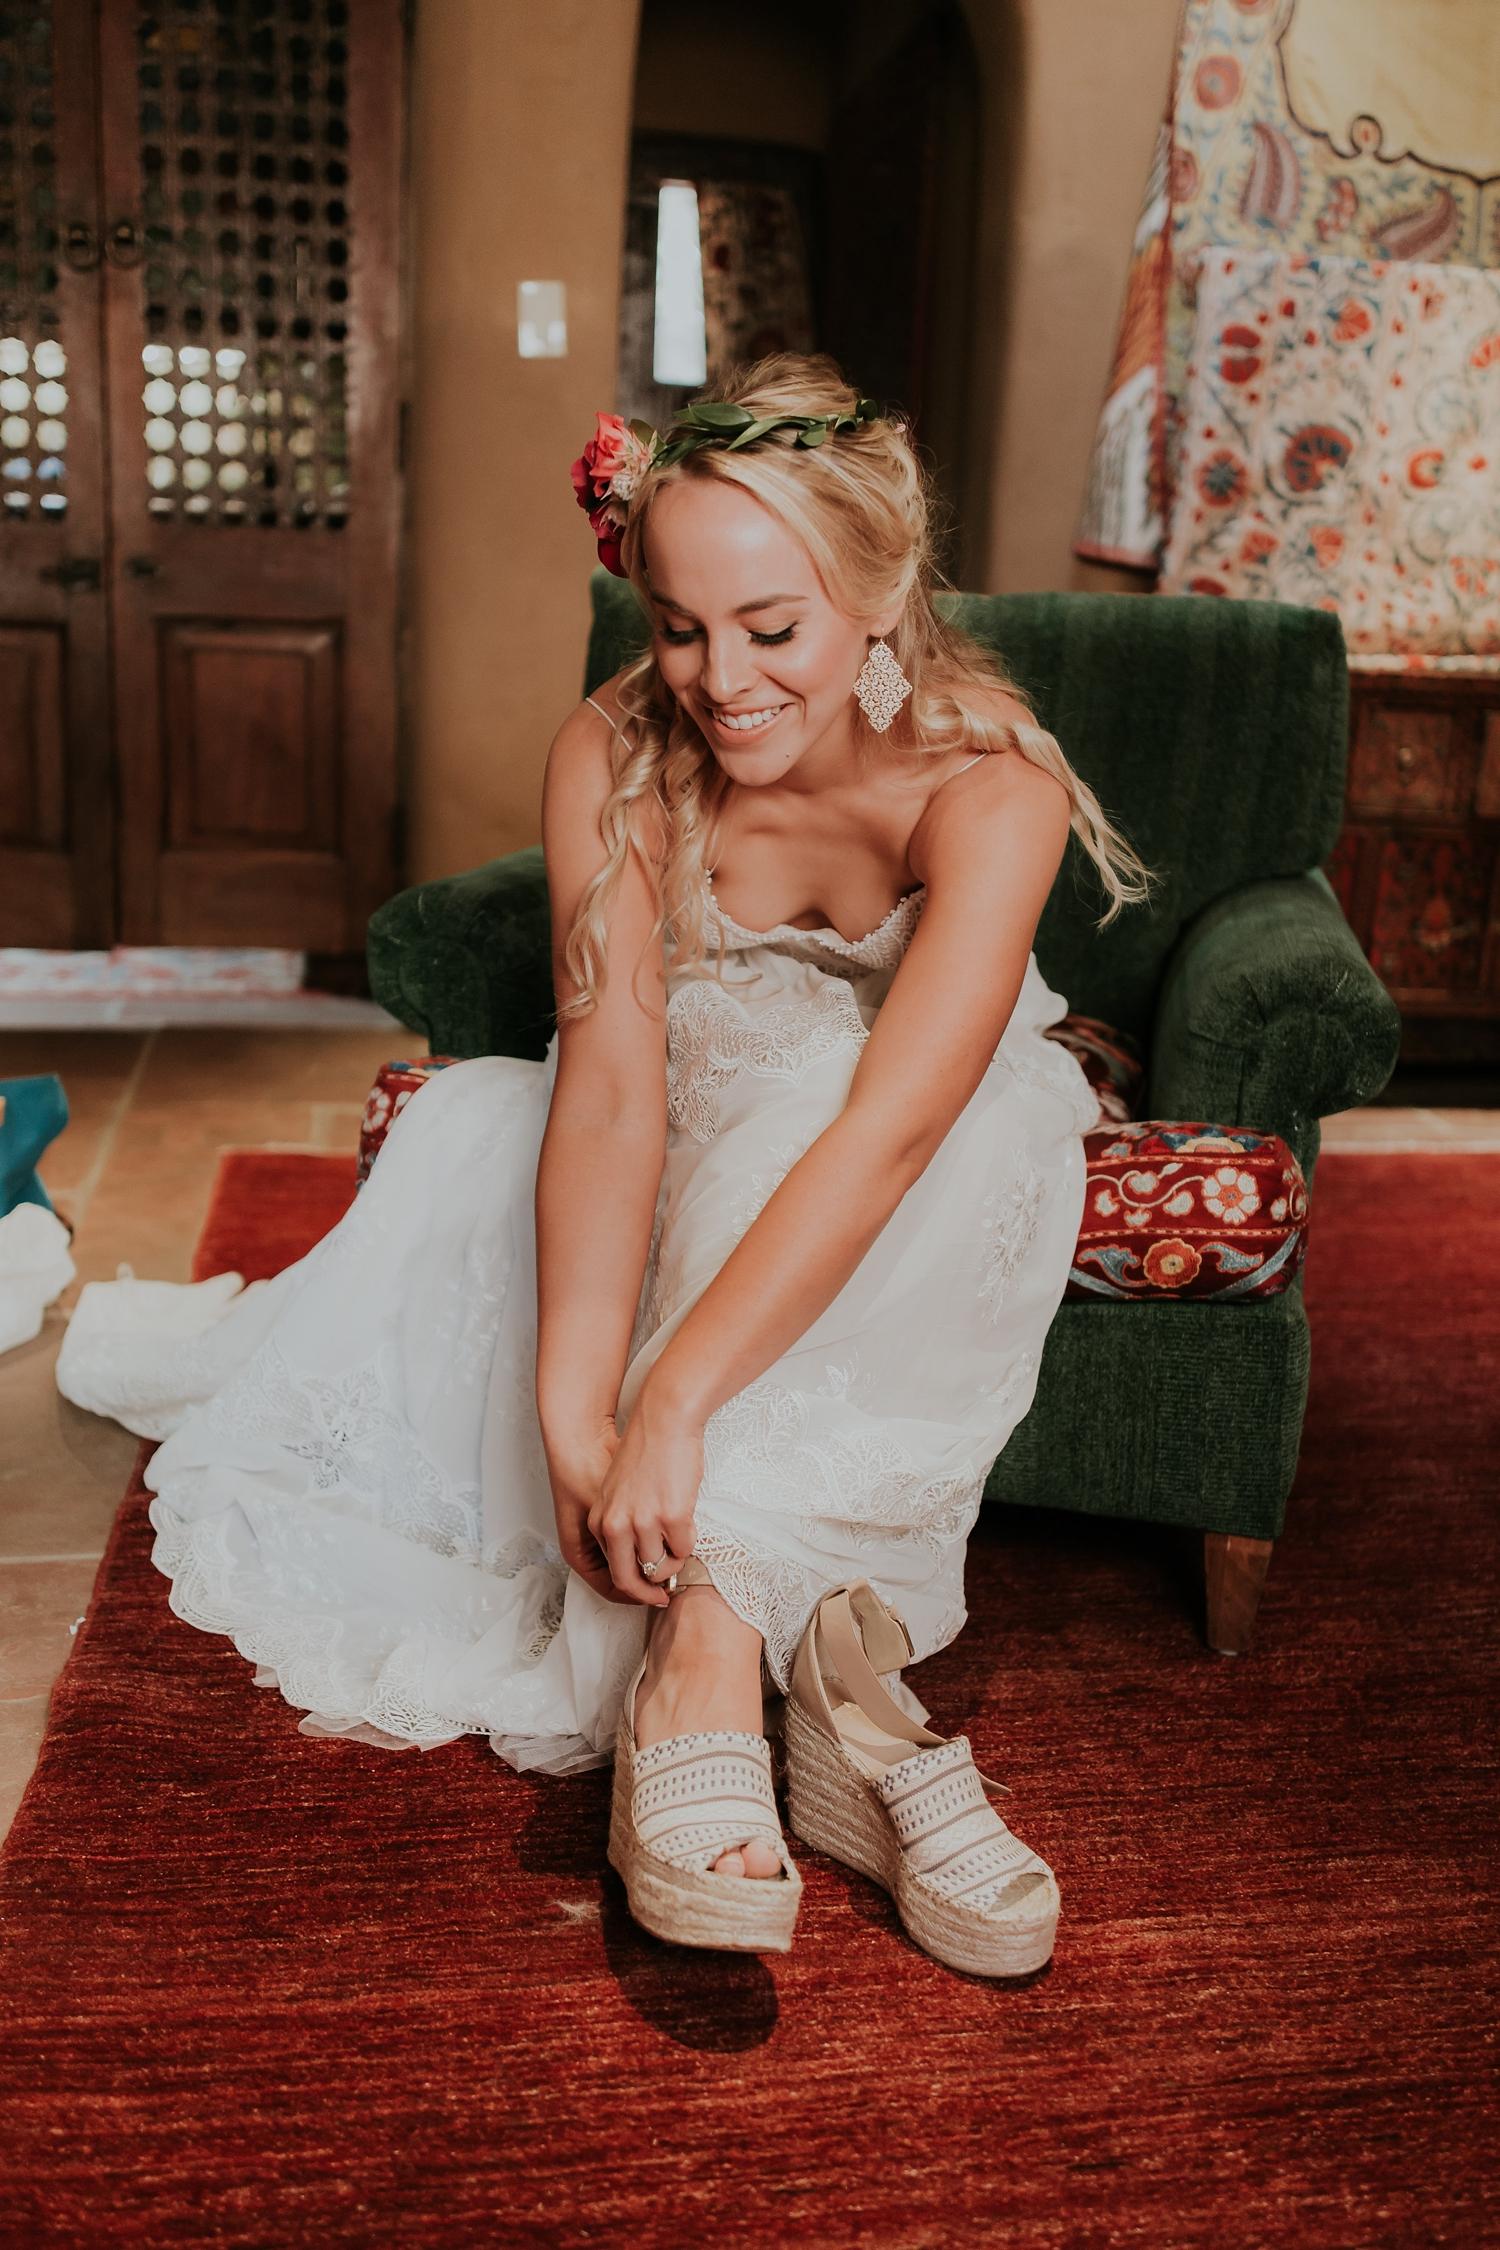 Alicia+lucia+photography+-+albuquerque+wedding+photographer+-+santa+fe+wedding+photography+-+new+mexico+wedding+photographer+-+wedding+bridal+shoe+-+wedding+style+edit_0026.jpg